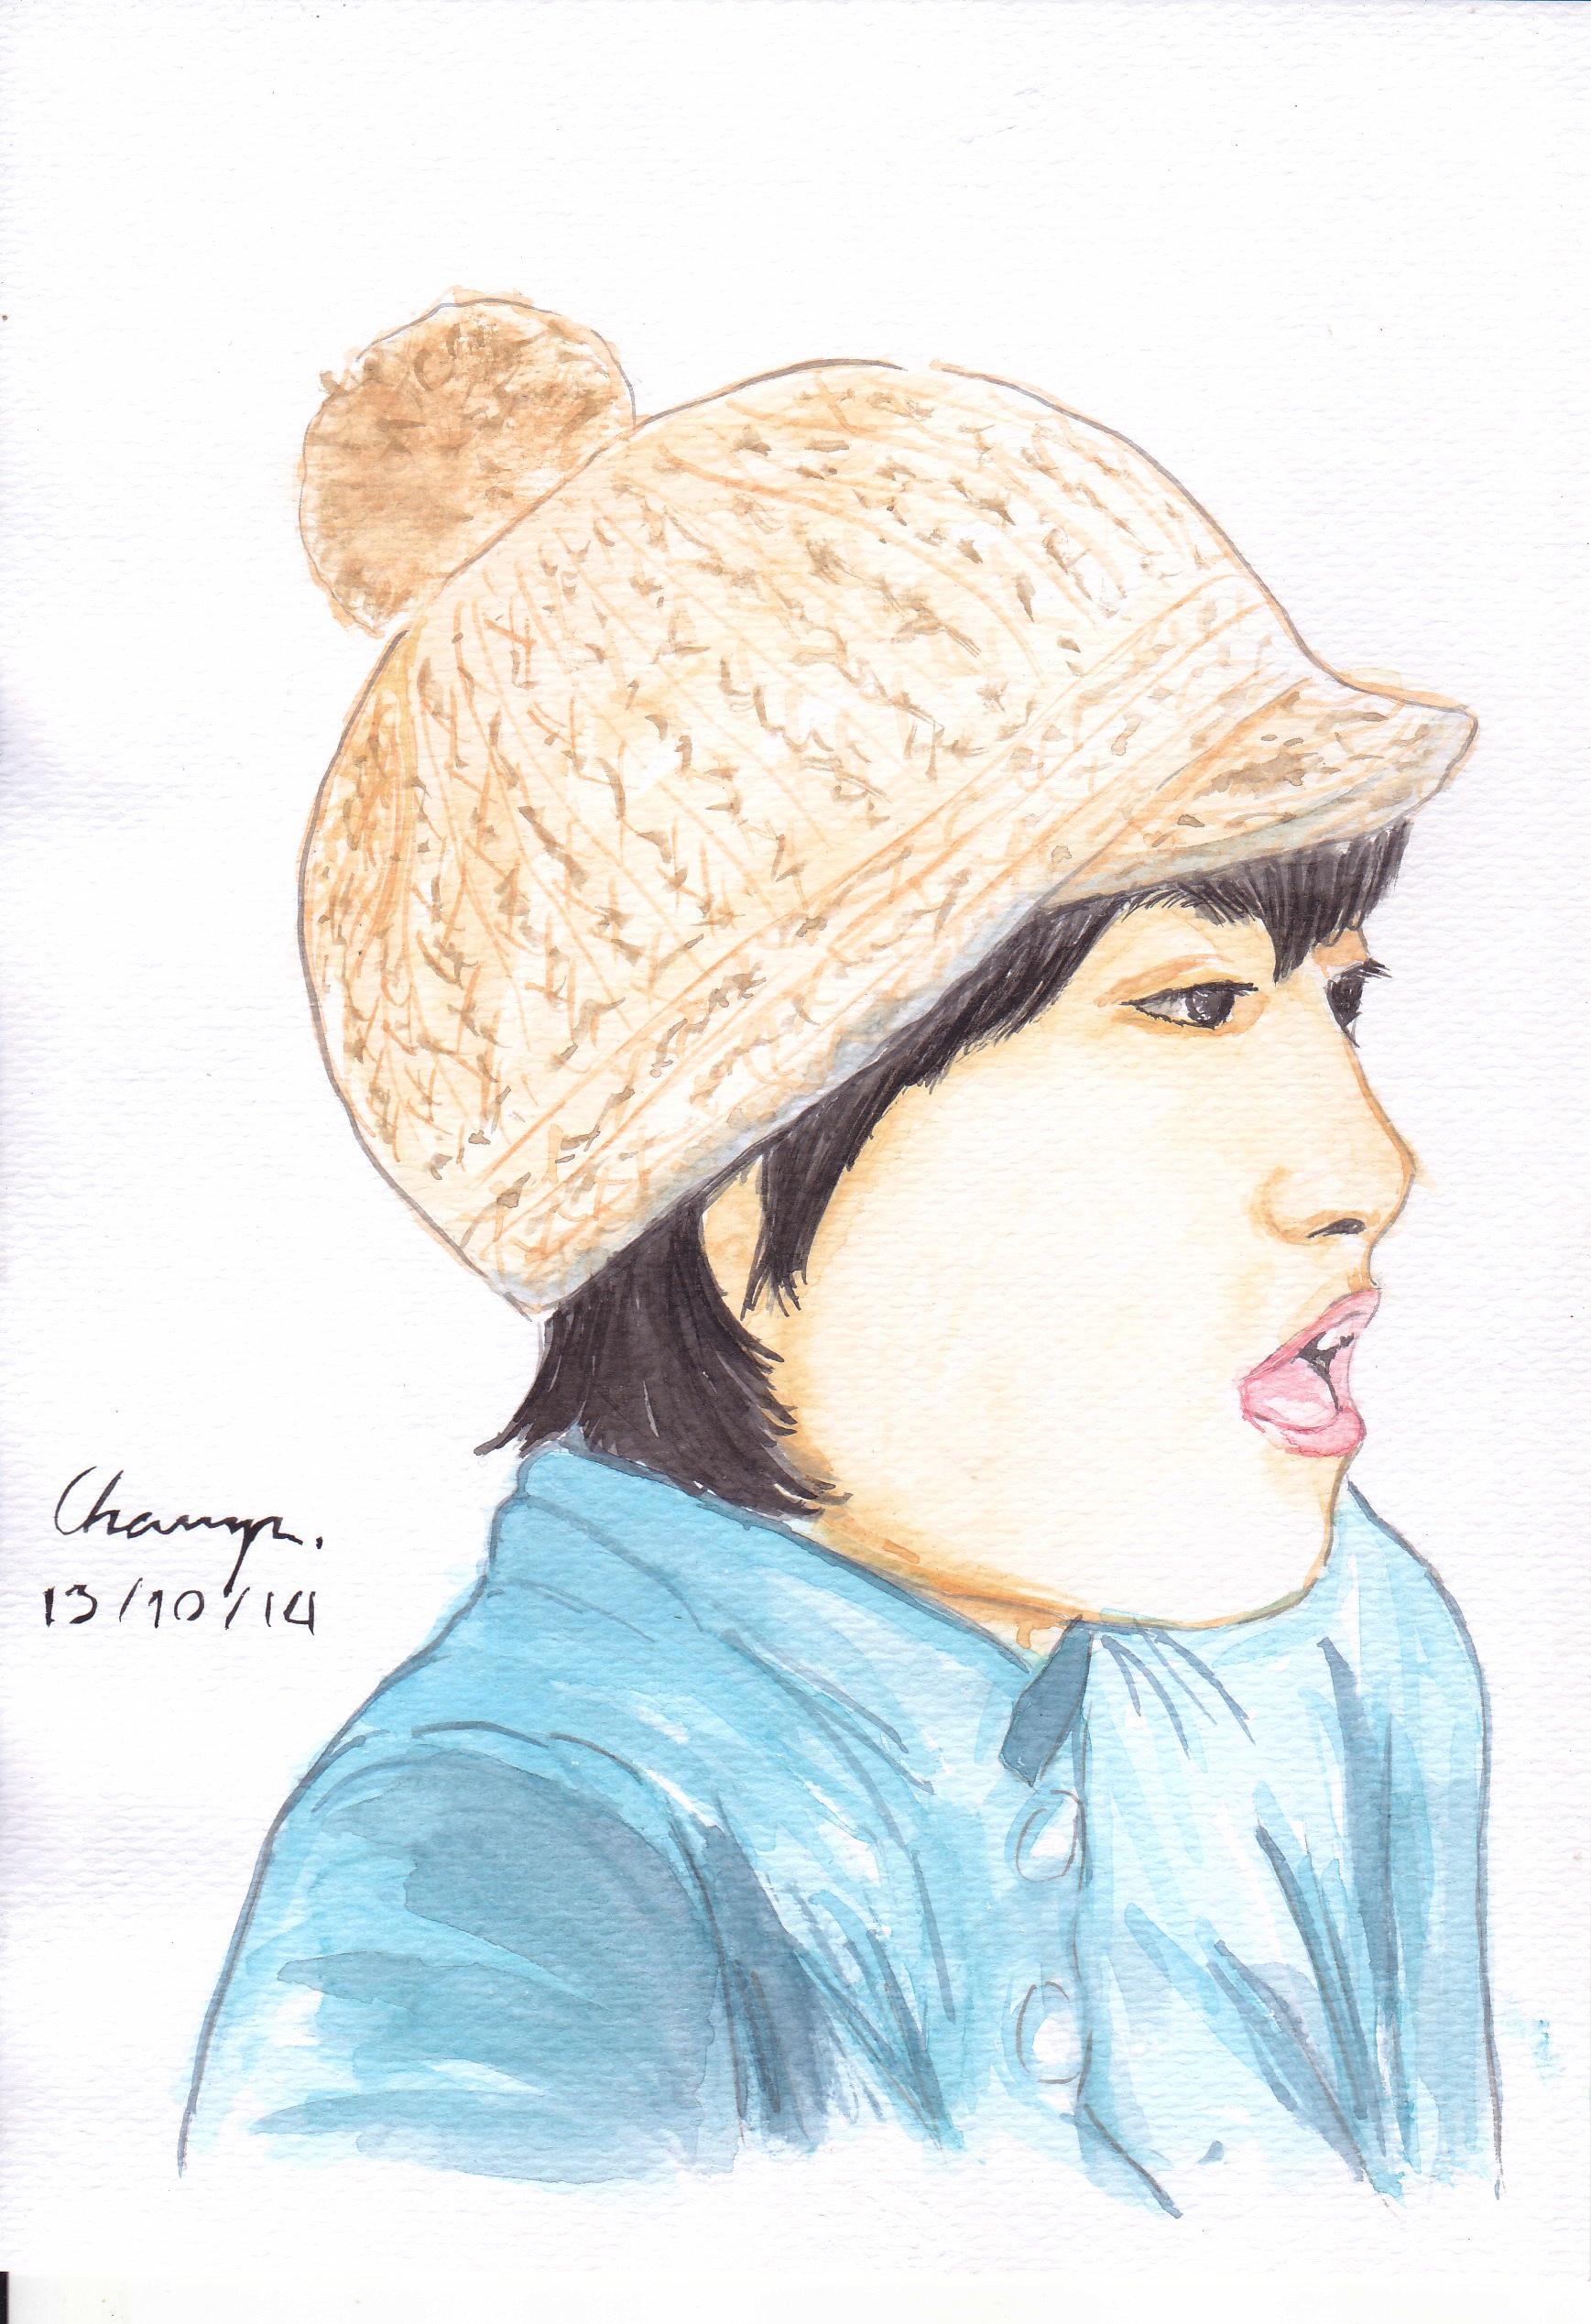 Gambar Pola Topi Pakaian Penutup Kepala Hairstyle Lukisan